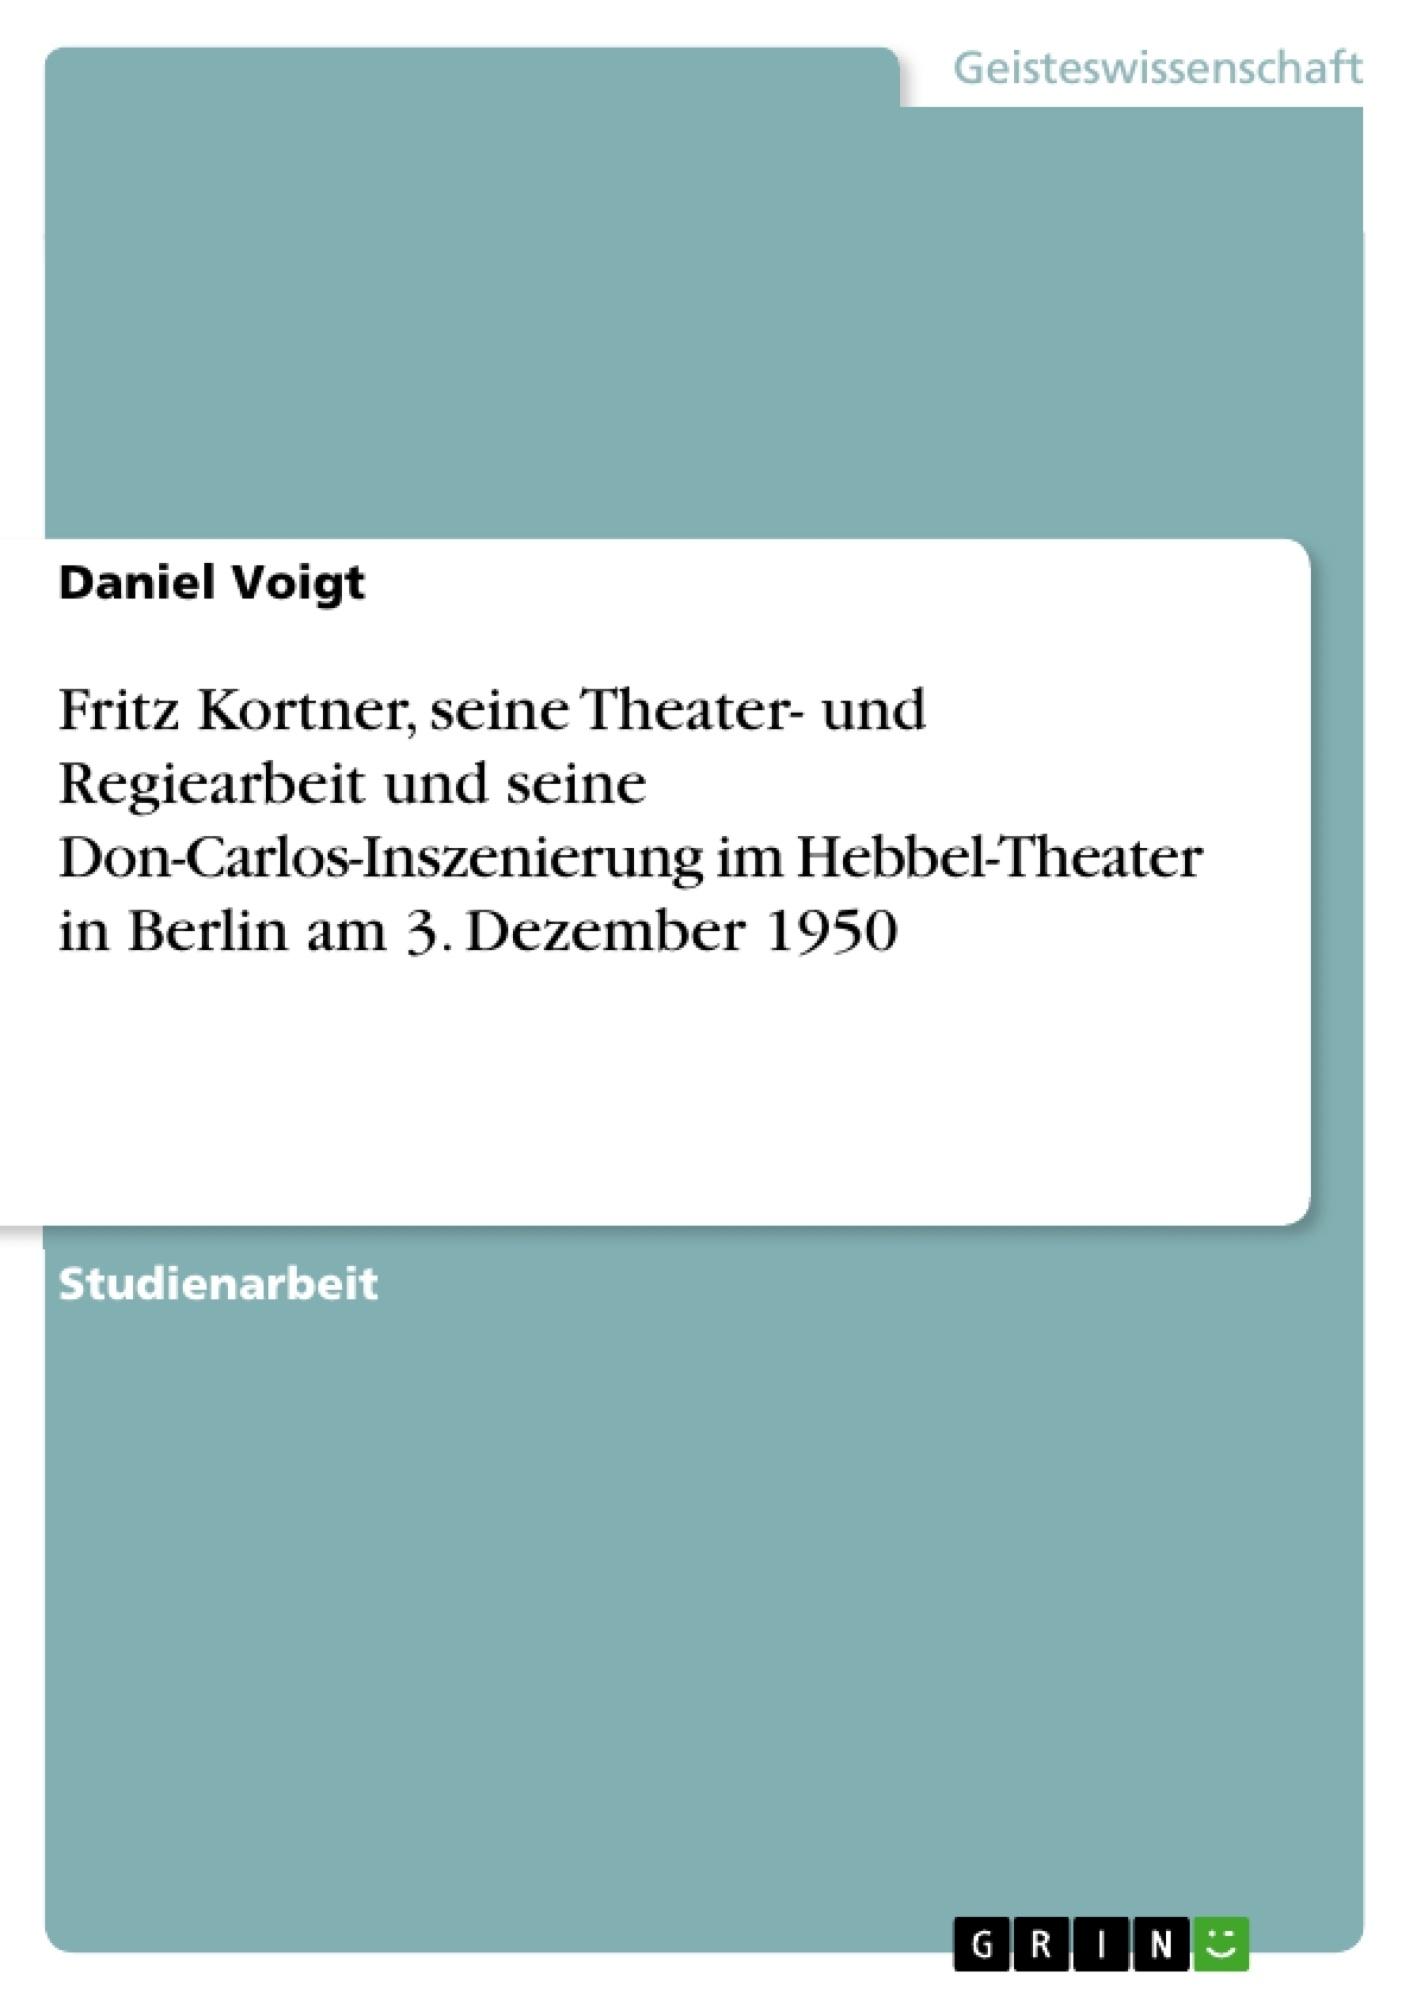 Titel: Fritz Kortner, seine Theater- und Regiearbeit und seine Don-Carlos-Inszenierung im Hebbel-Theater in Berlin am 3. Dezember 1950